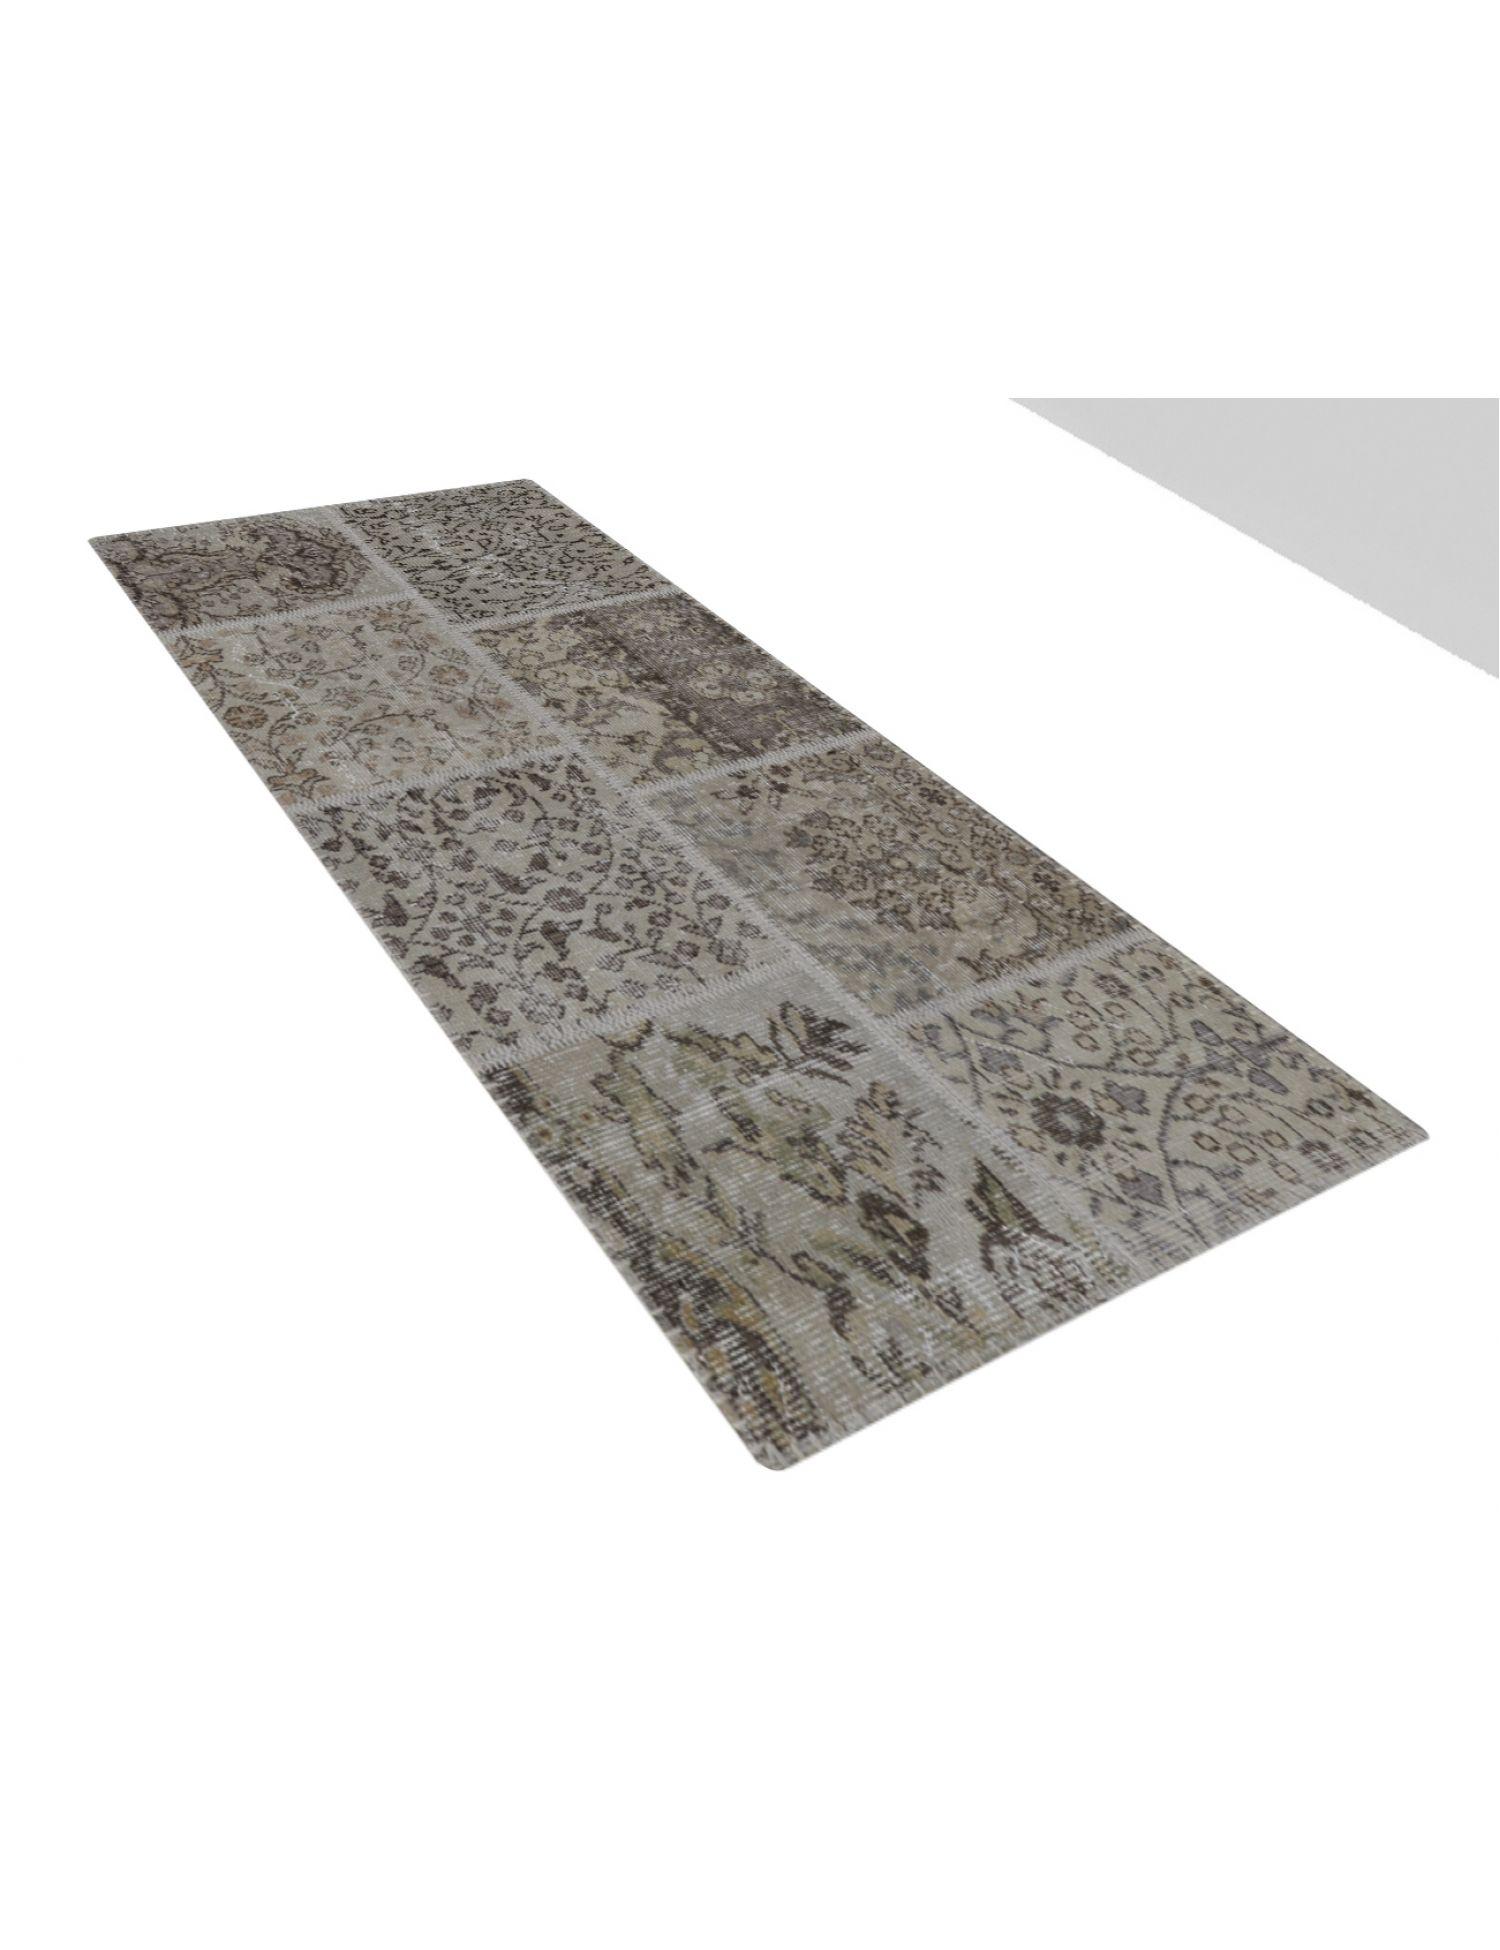 Patchwork Carpet   blue <br/>150 x 80 cm